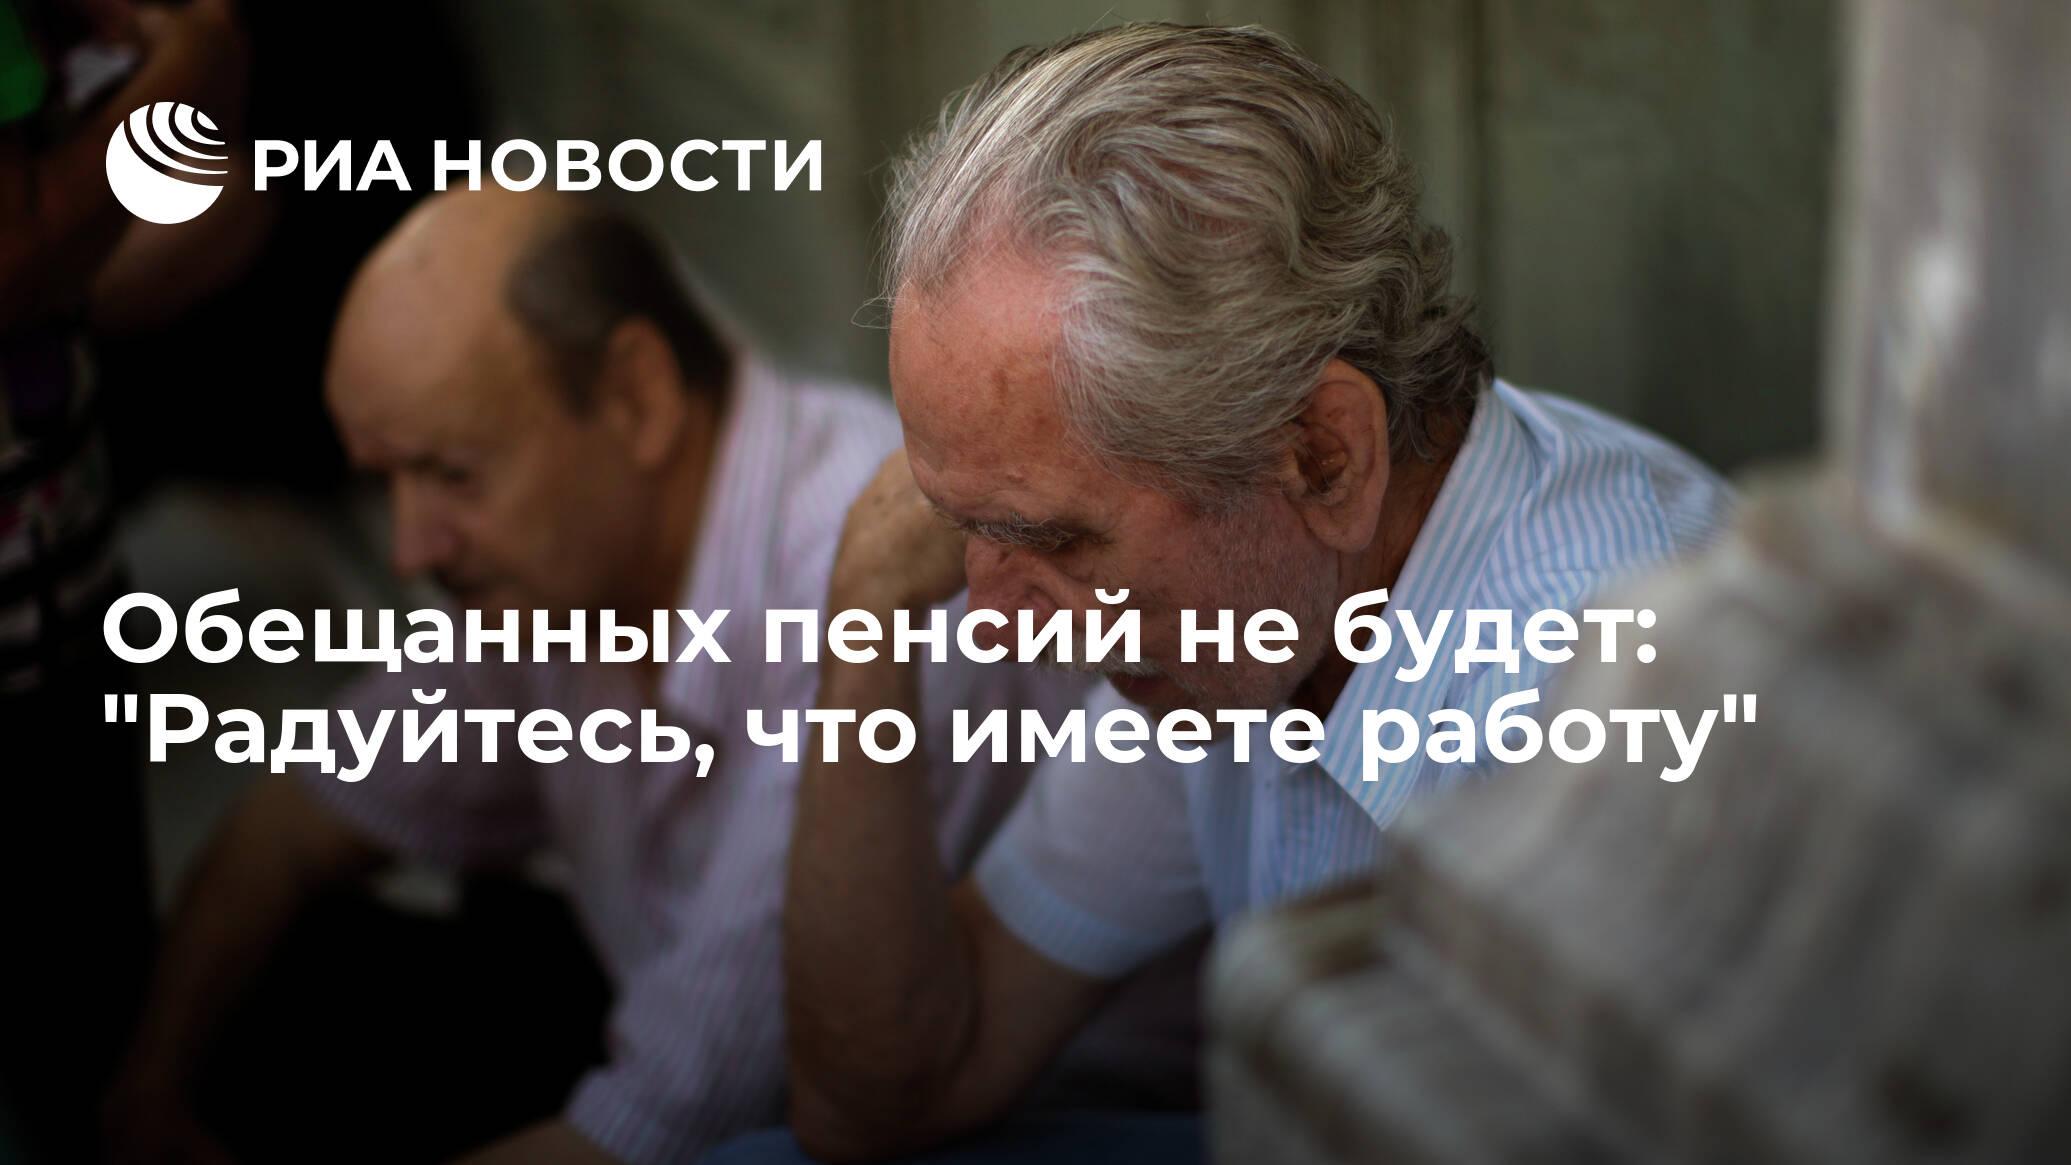 """Обещанных пенсий не будет: """"Радуйтесь, что имеете работу"""" - РИА Новости, 07.11.2019"""